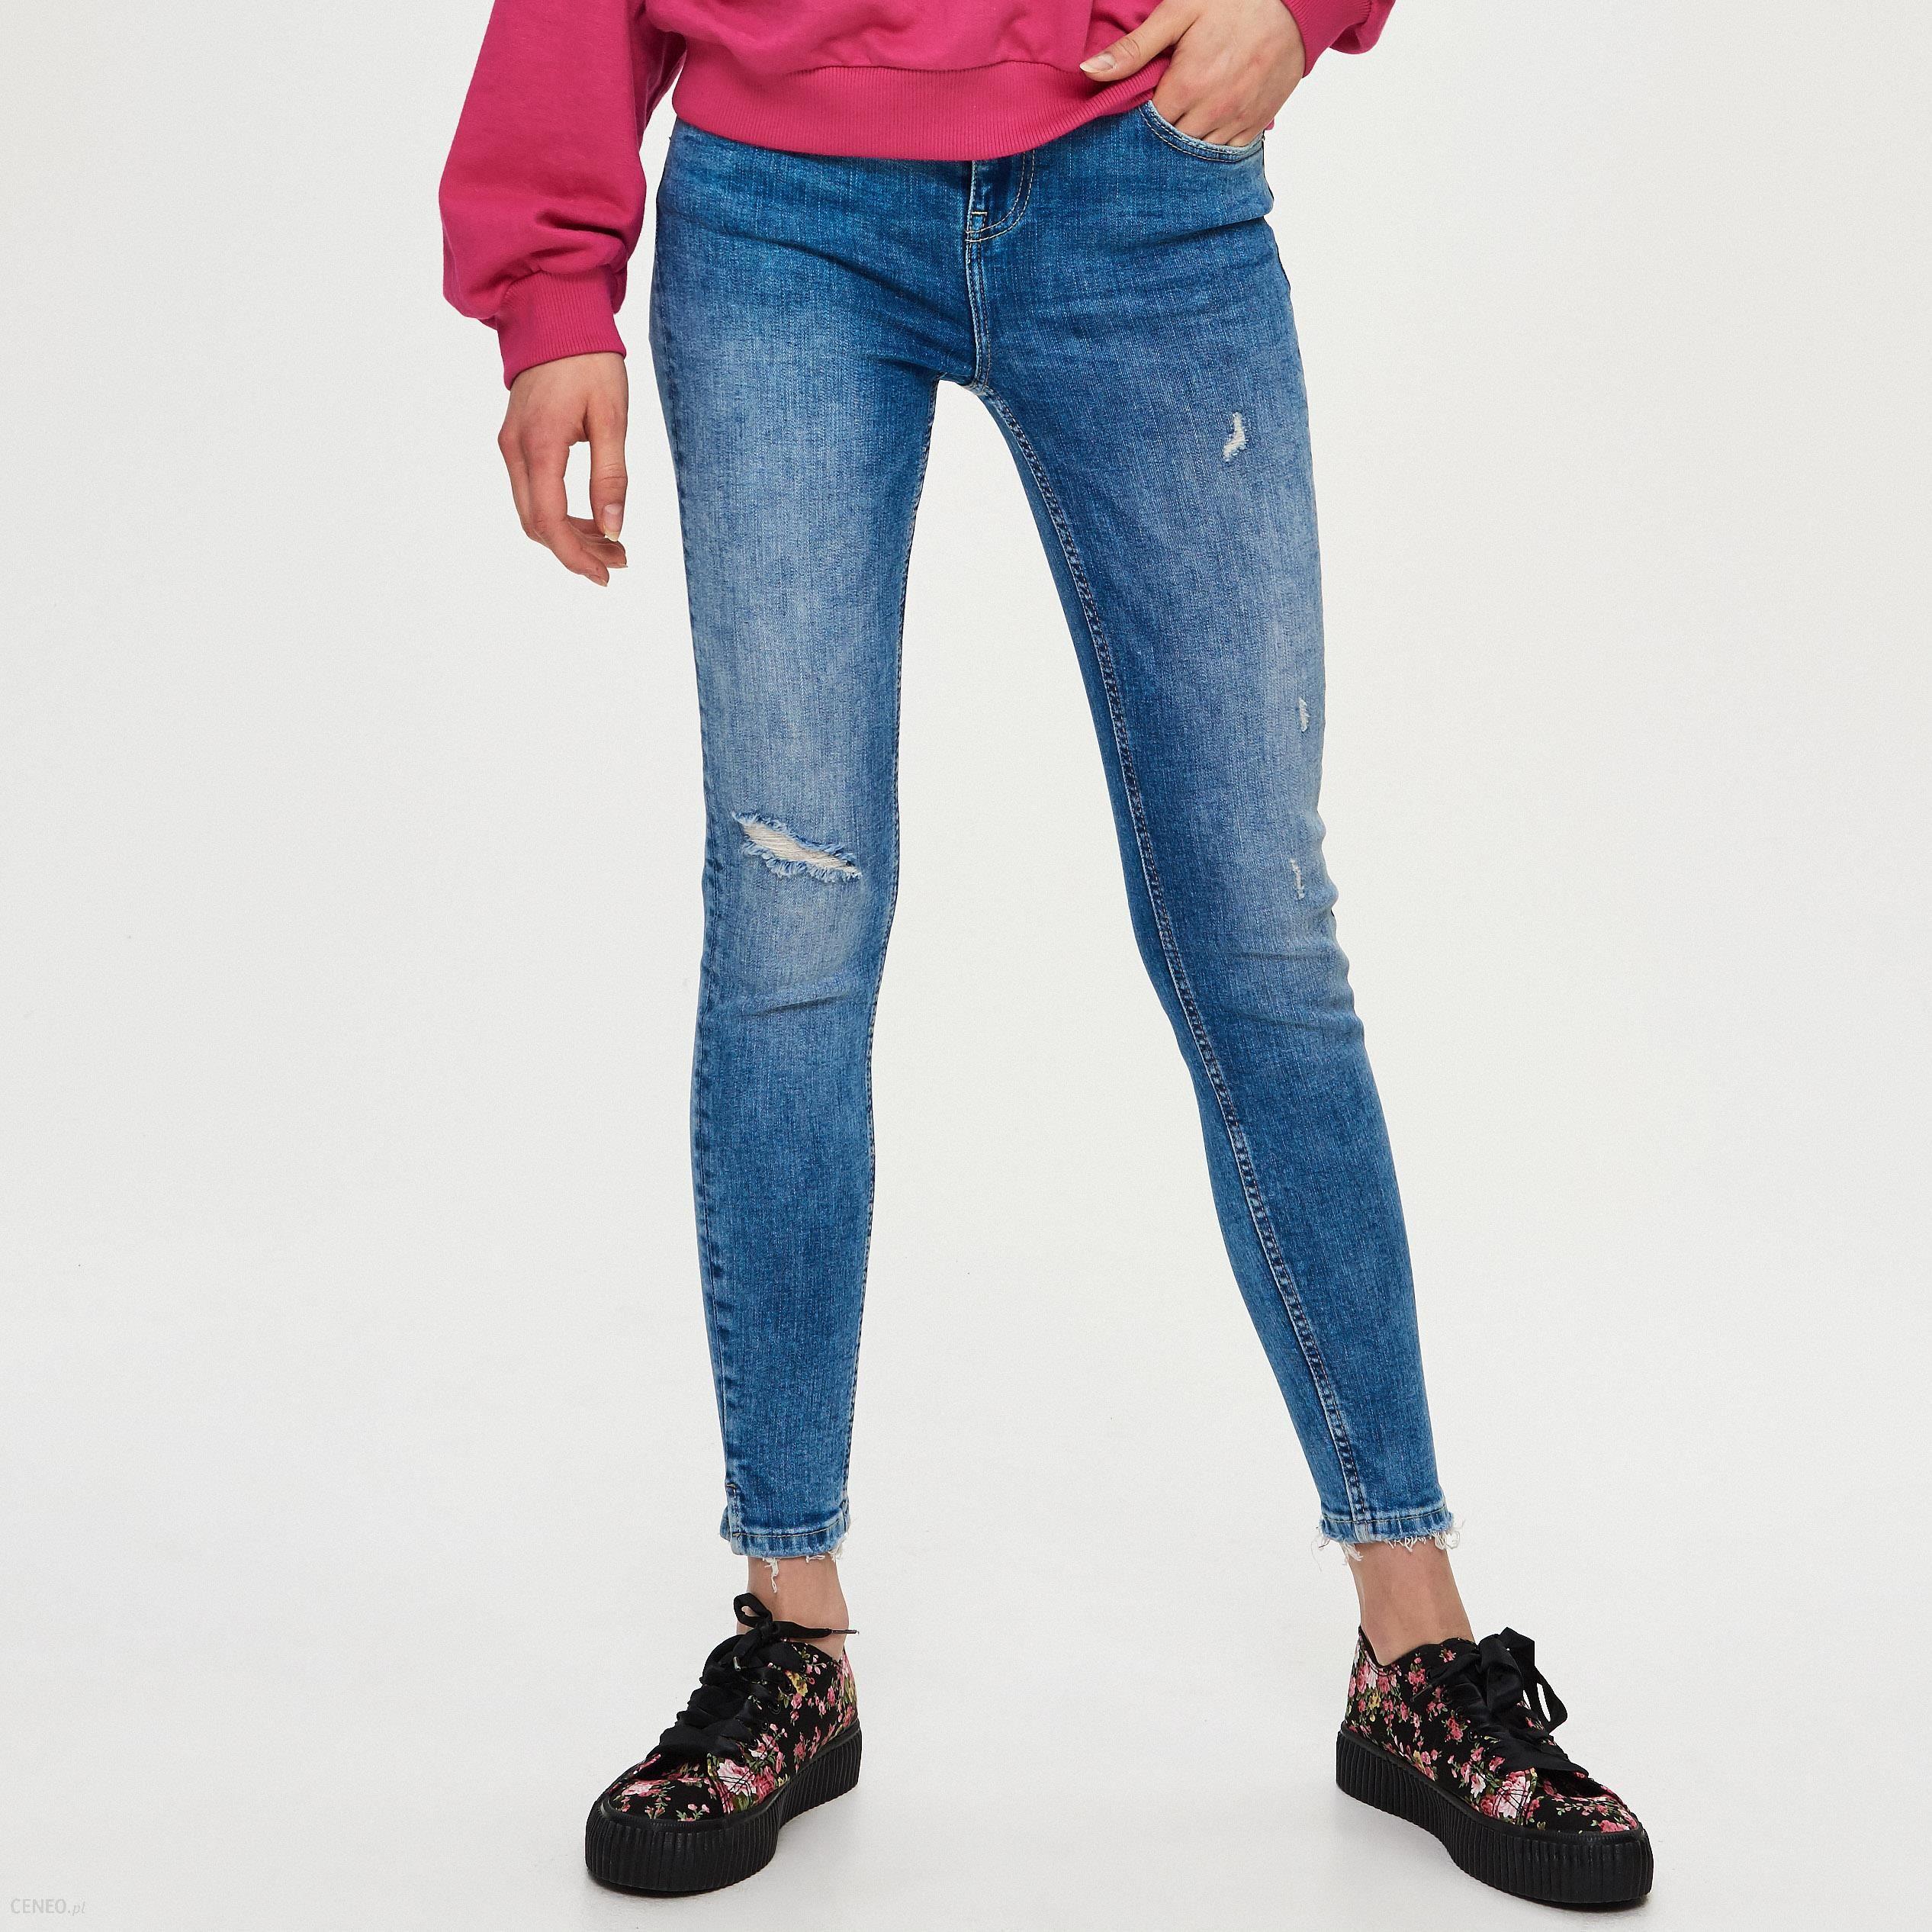 Sinsay Ladies` jeans trousers Niebieski Ceny i opinie Ceneo.pl